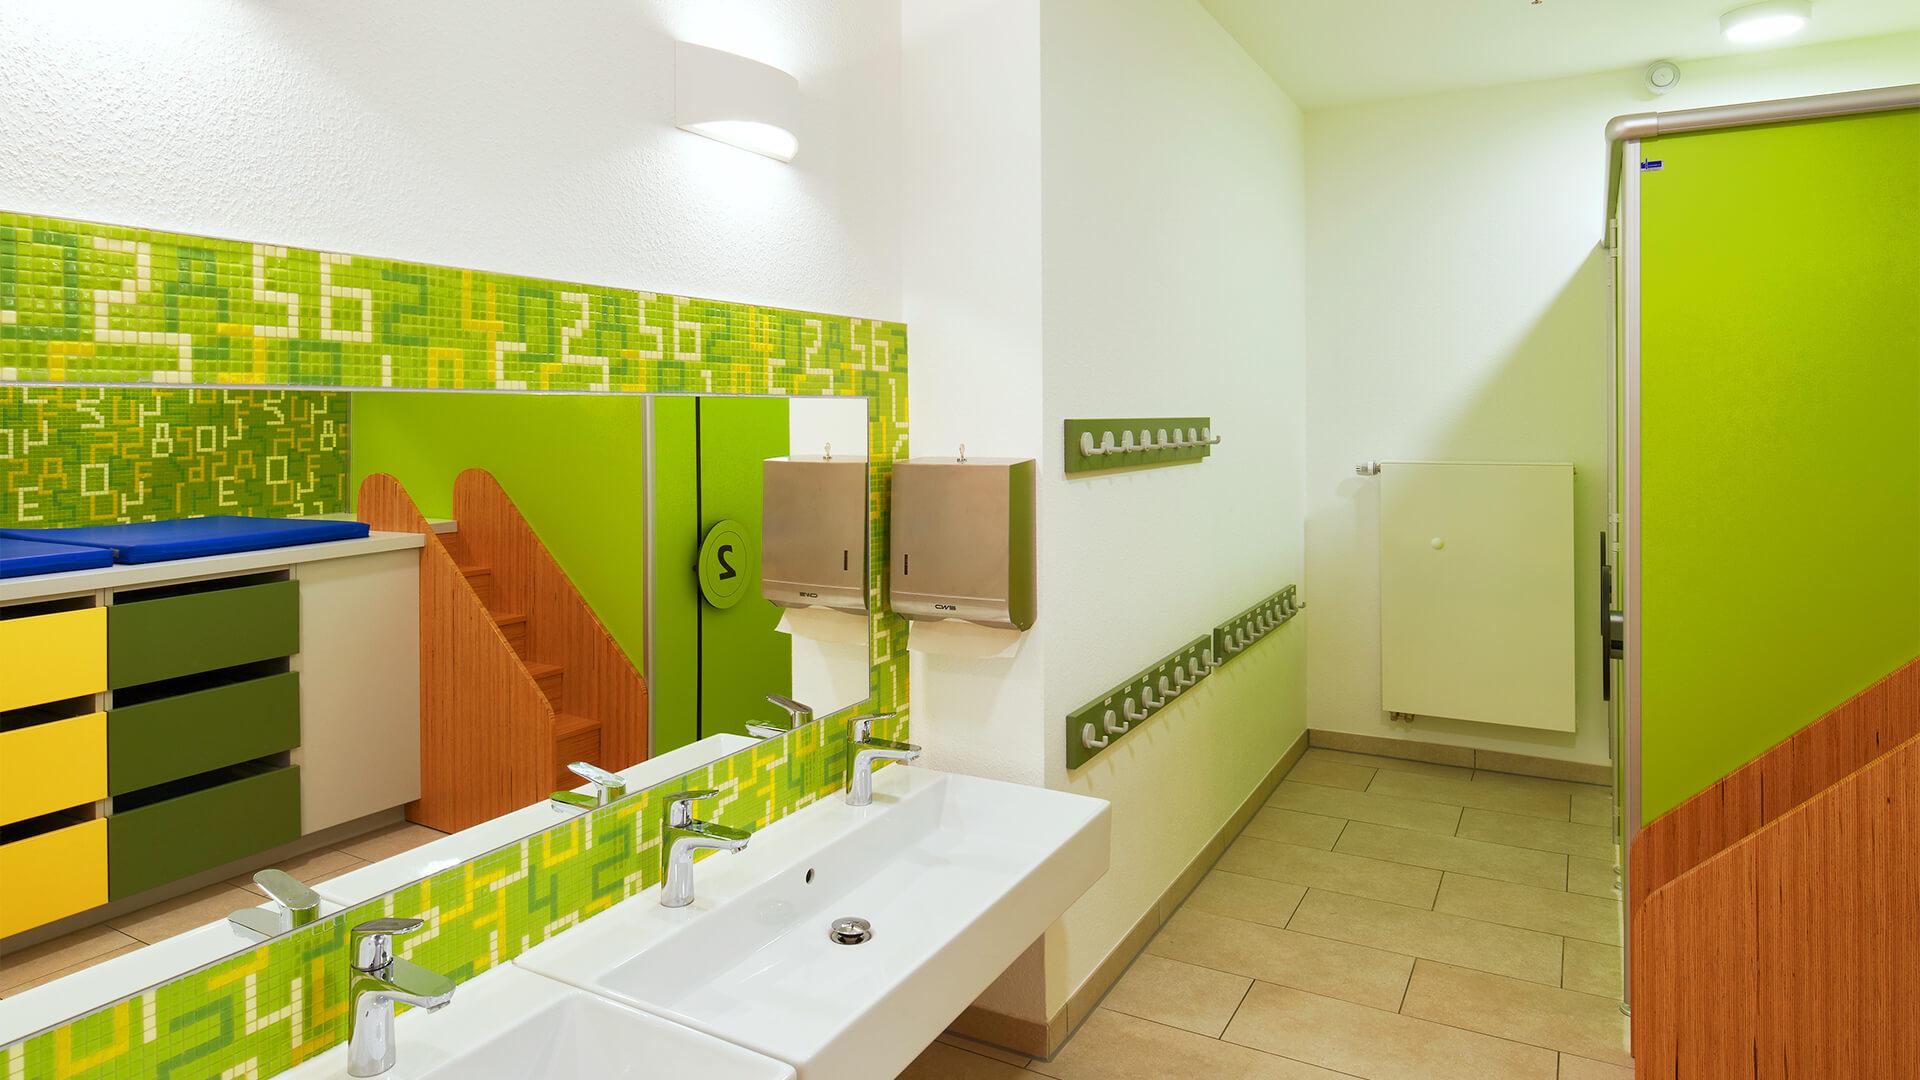 Waschraum der Kindertagesstätte, mit Zahlen als Wandfliesen